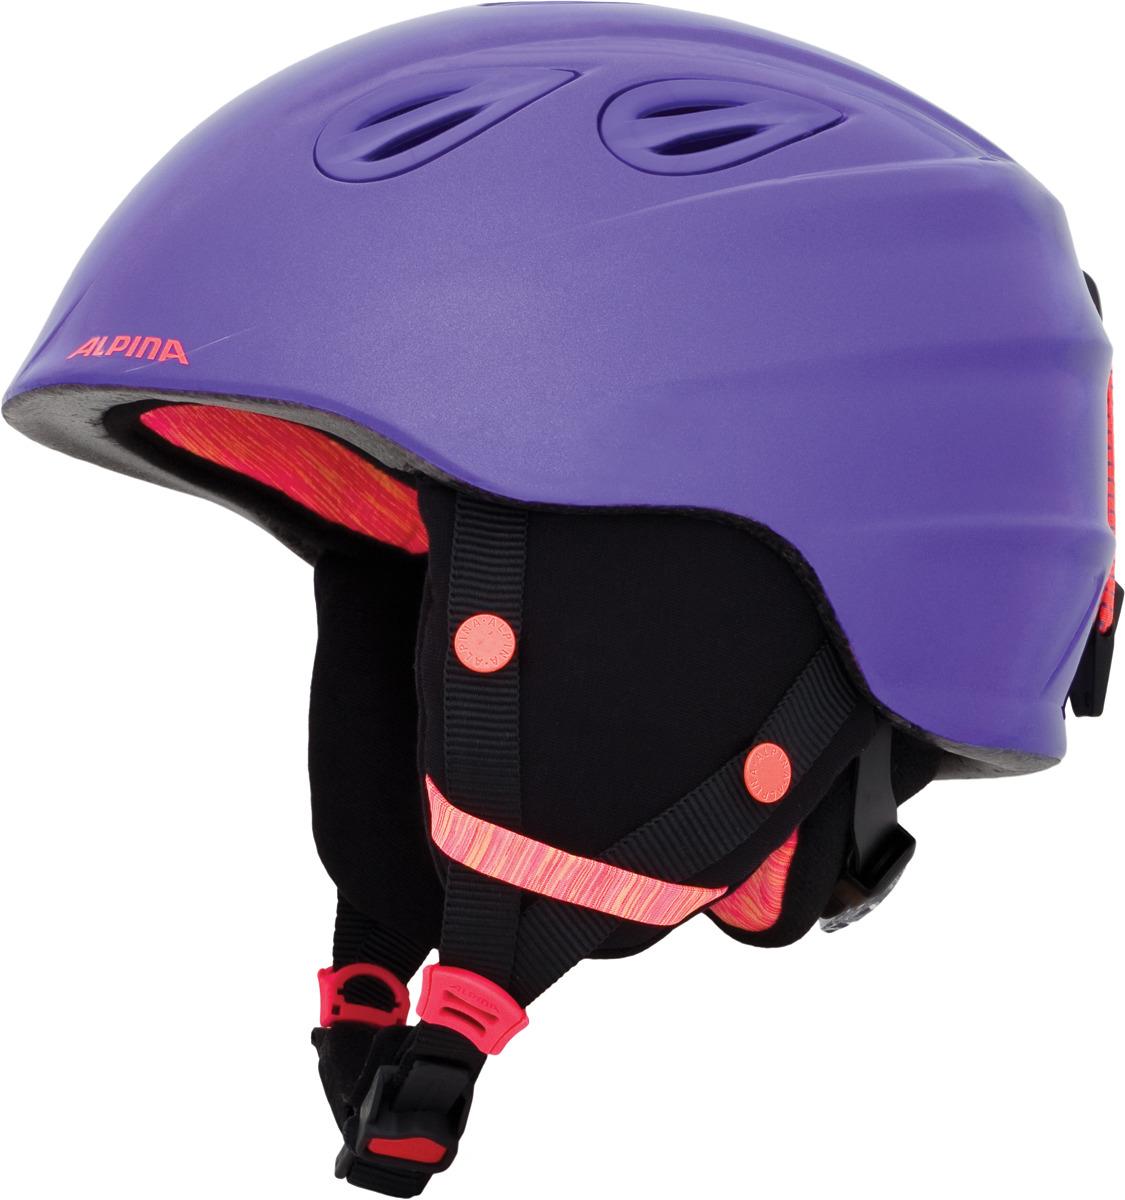 Шлем горнолыжный зимний Alpina Grap 2.0 JR, цвет: фиолетовый. Размер 54-57 см